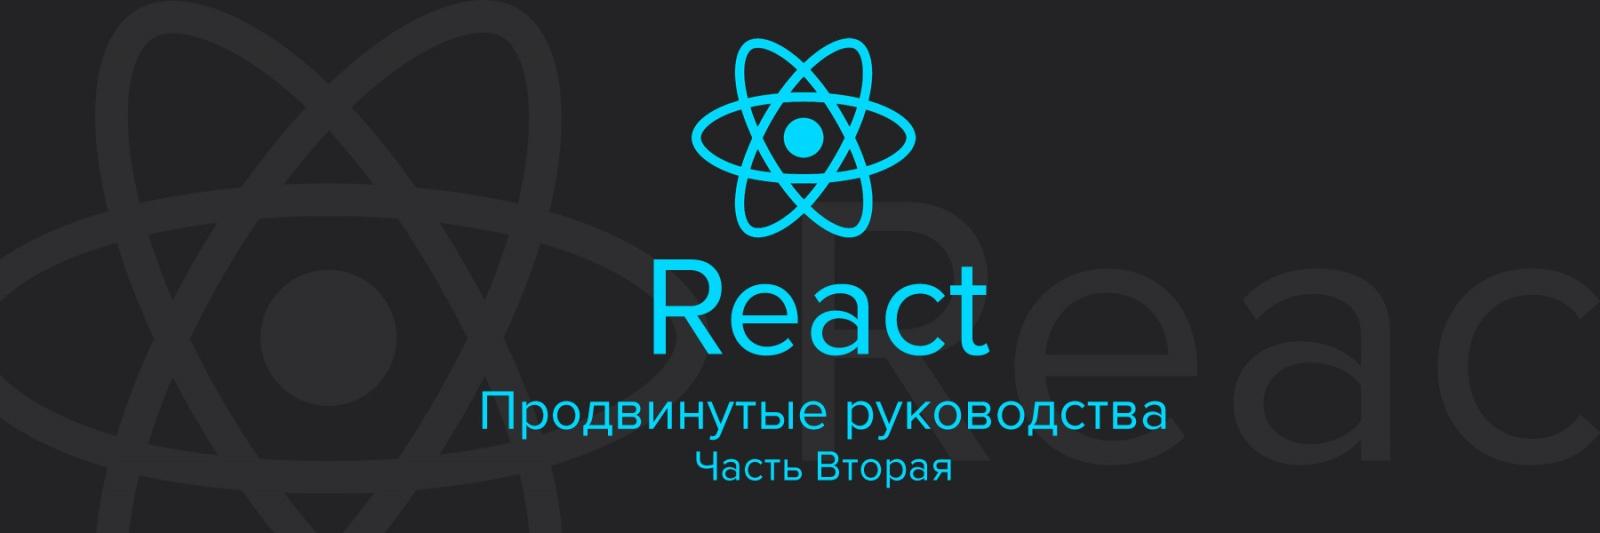 React. Продвинутые руководства. Часть Вторая